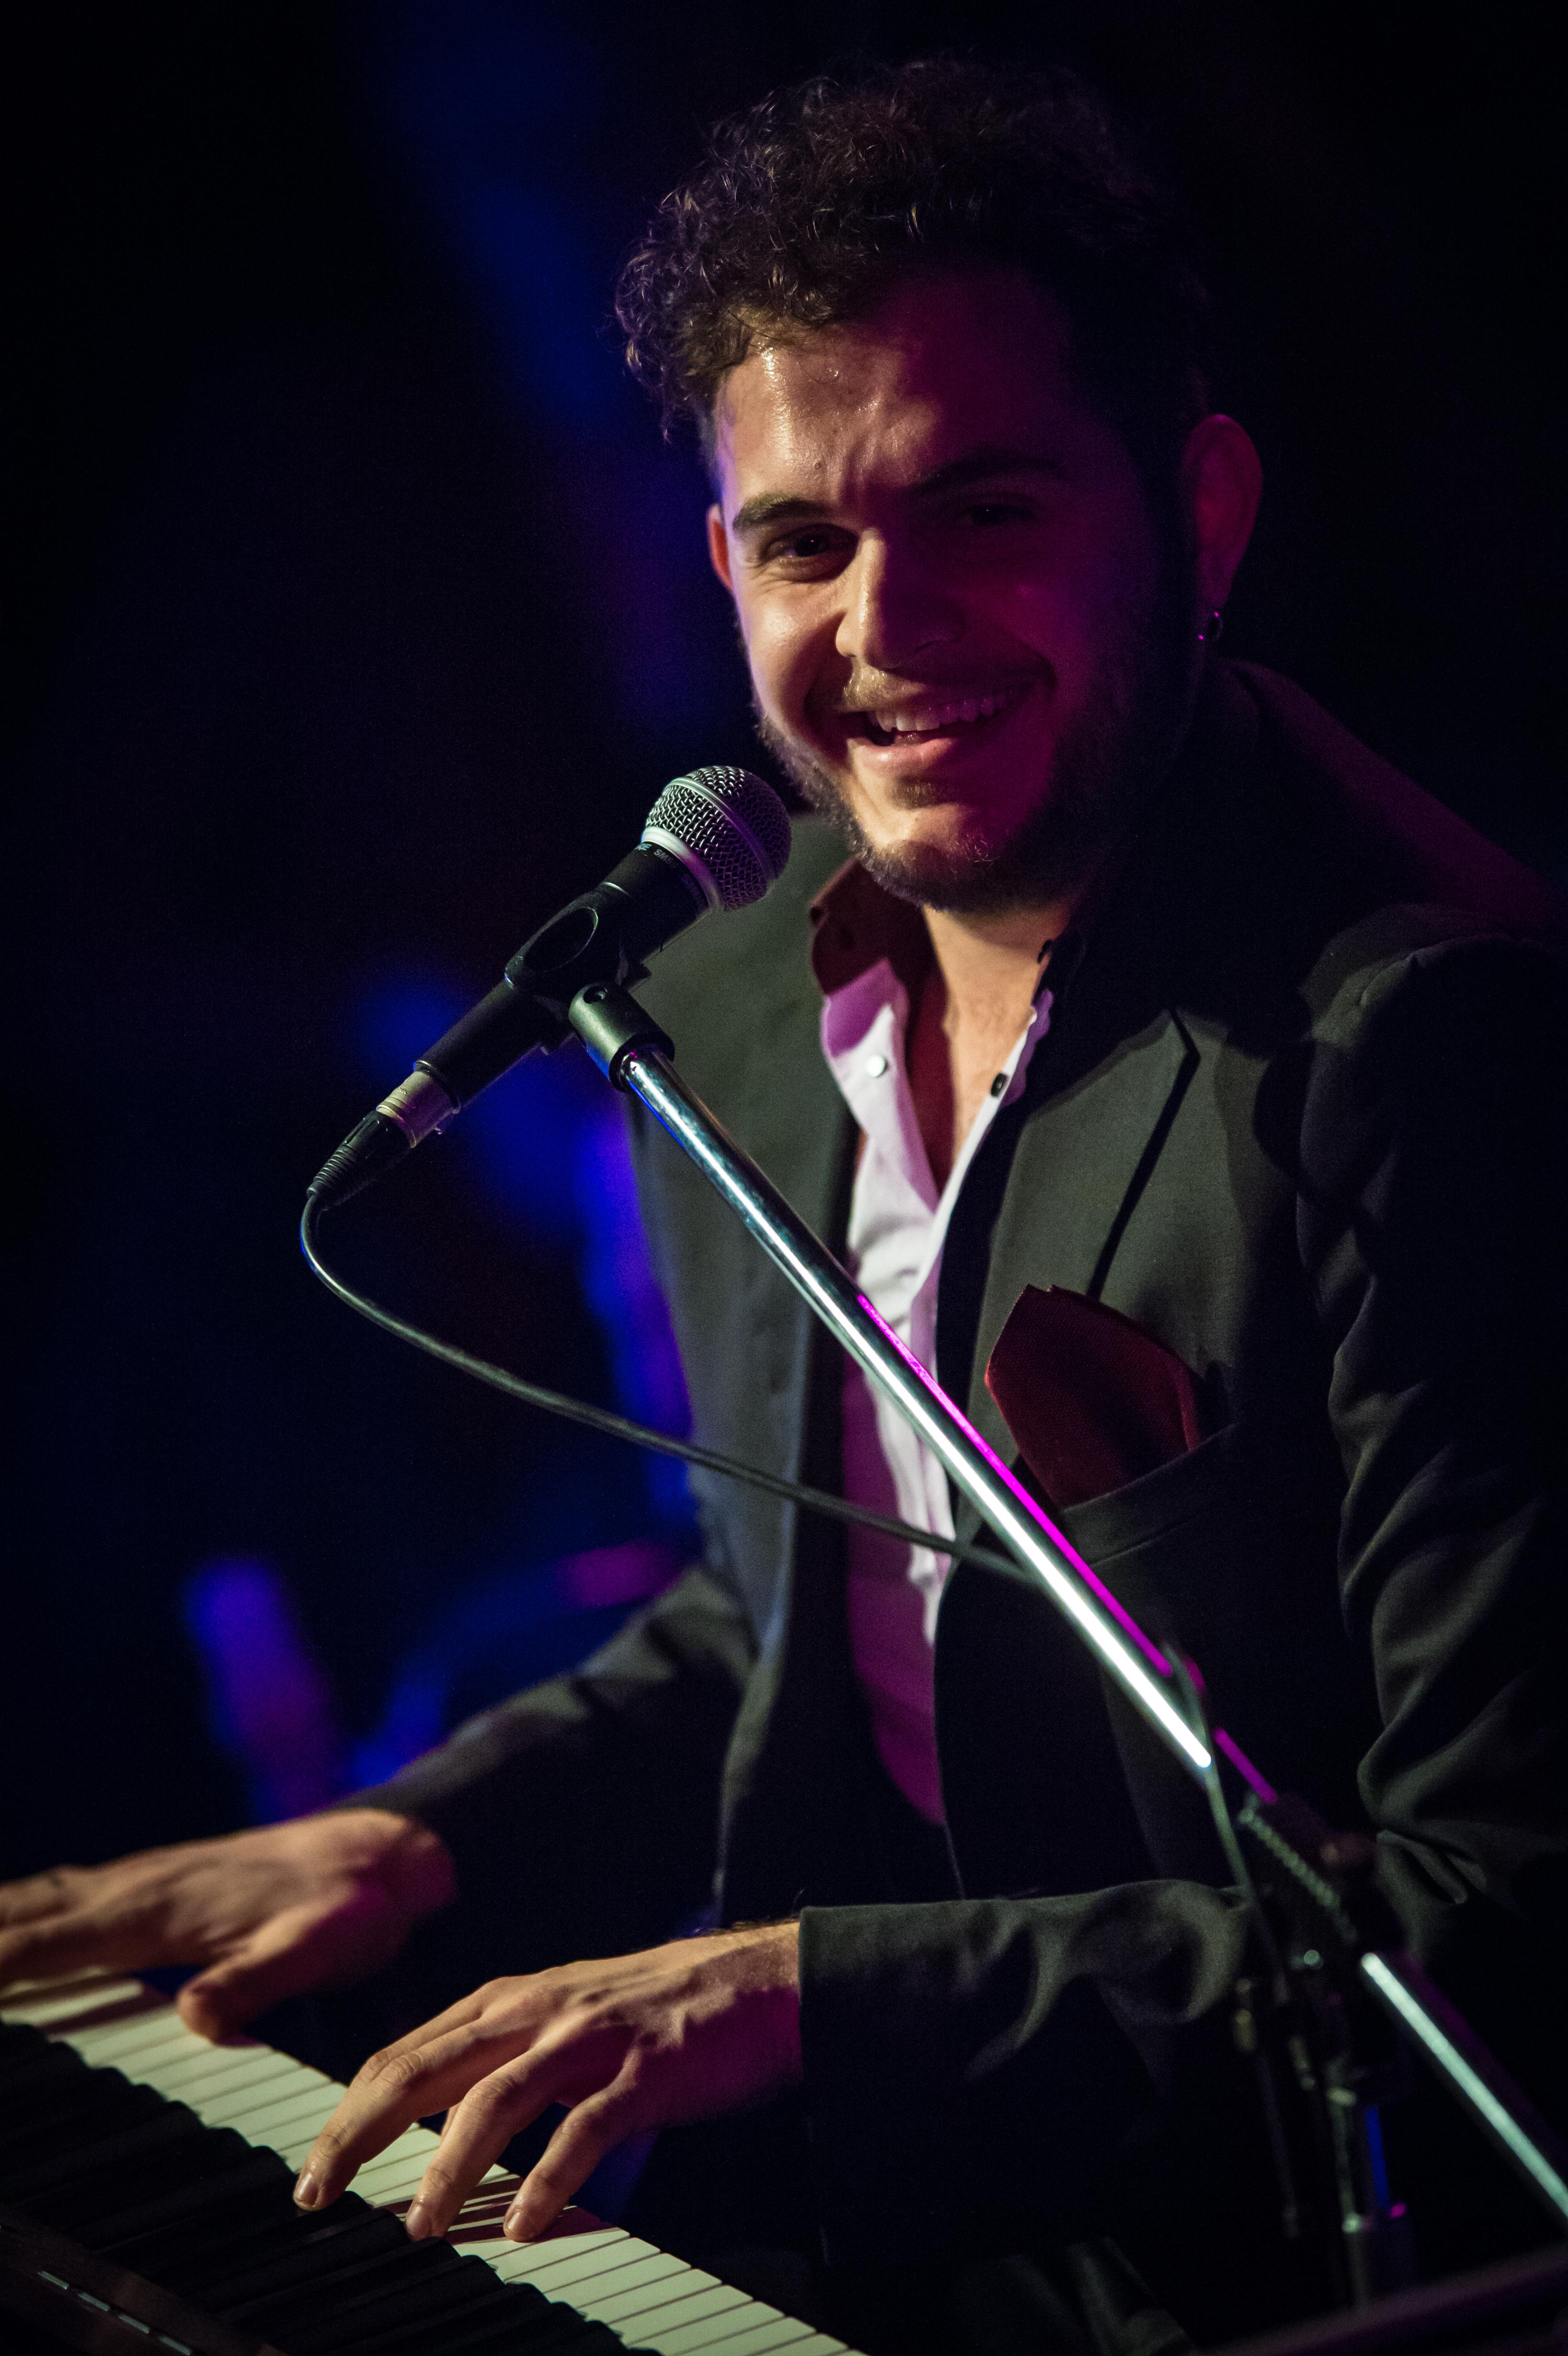 Foto-concerto-renzo-rubino-milano-25-gennaio-2015-Prandoni